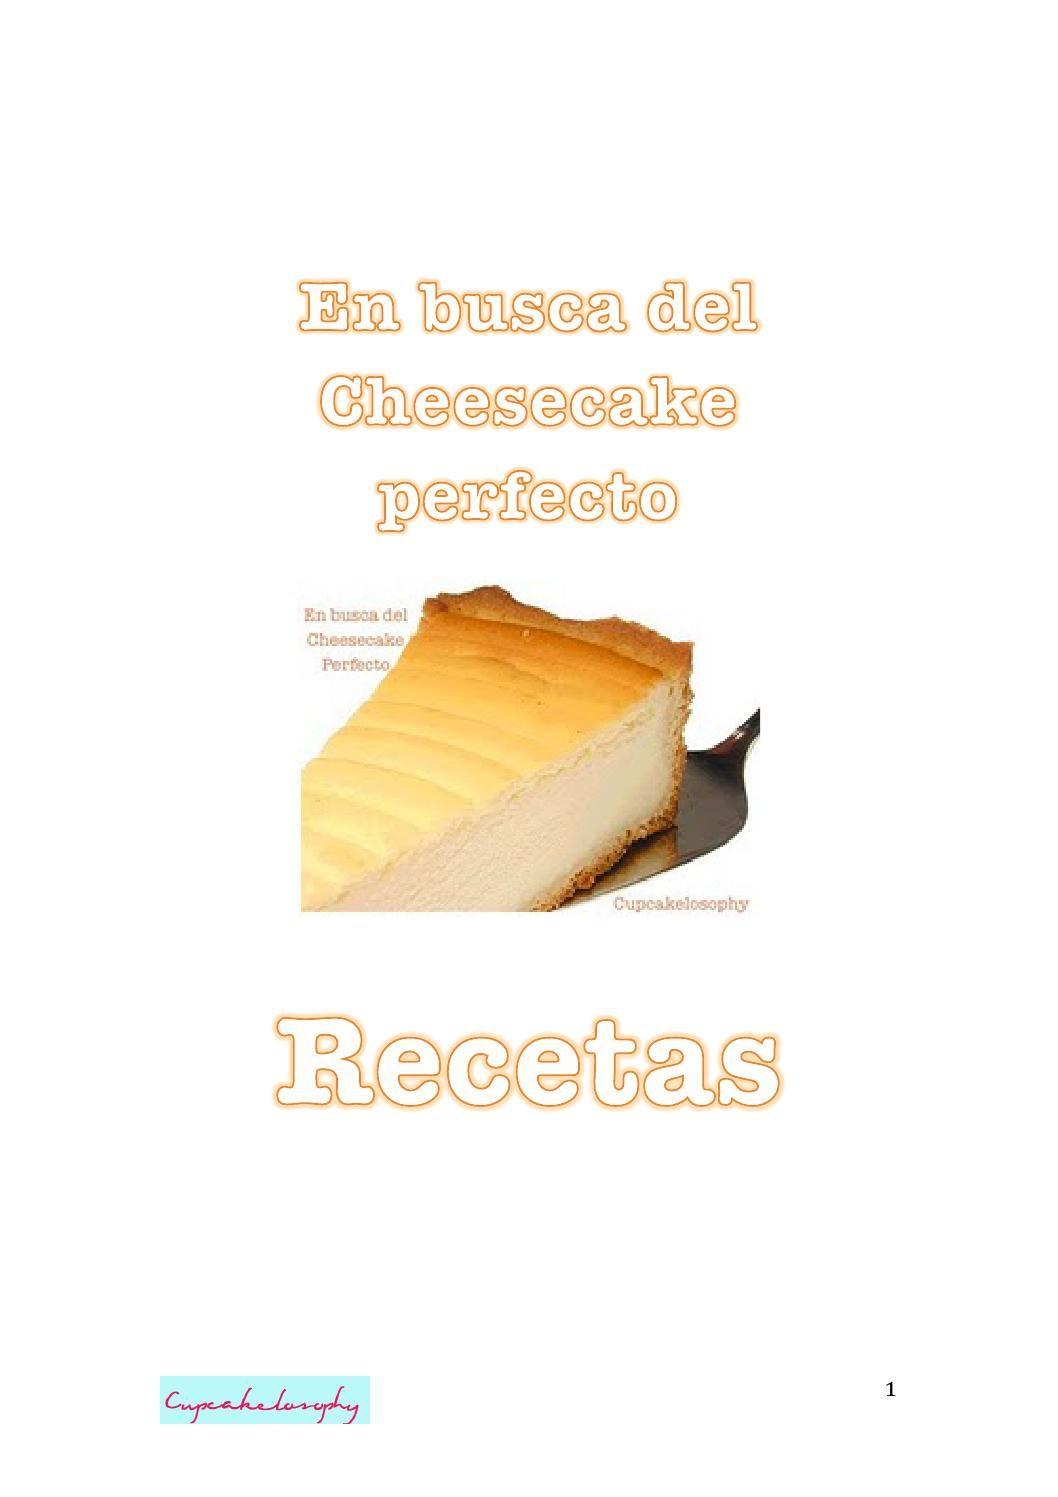 Las recetas de maru ebook best deal image collections free ebooks en busca del cheesecake perfecto recetas cheesecakes cake and food en busca del cheesecake perfecto recetas fandeluxe Image collections